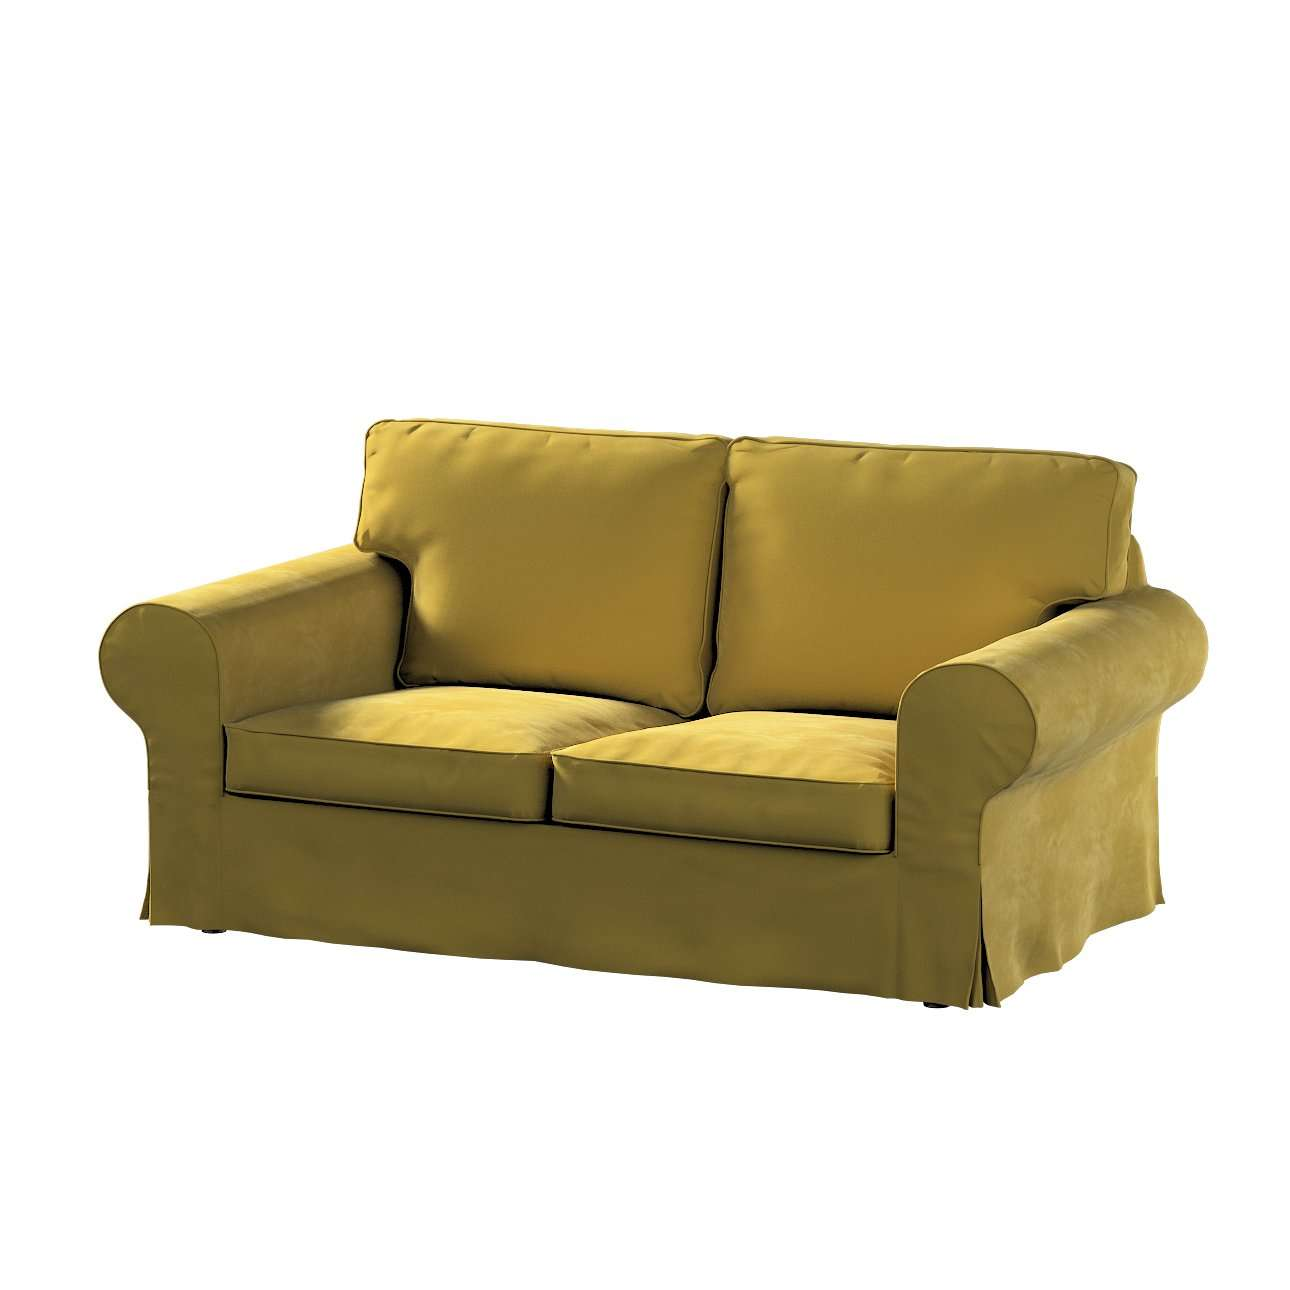 Pokrowiec na sofę Ektorp 2-osobową rozkładaną, model po 2012 w kolekcji Velvet, tkanina: 704-27